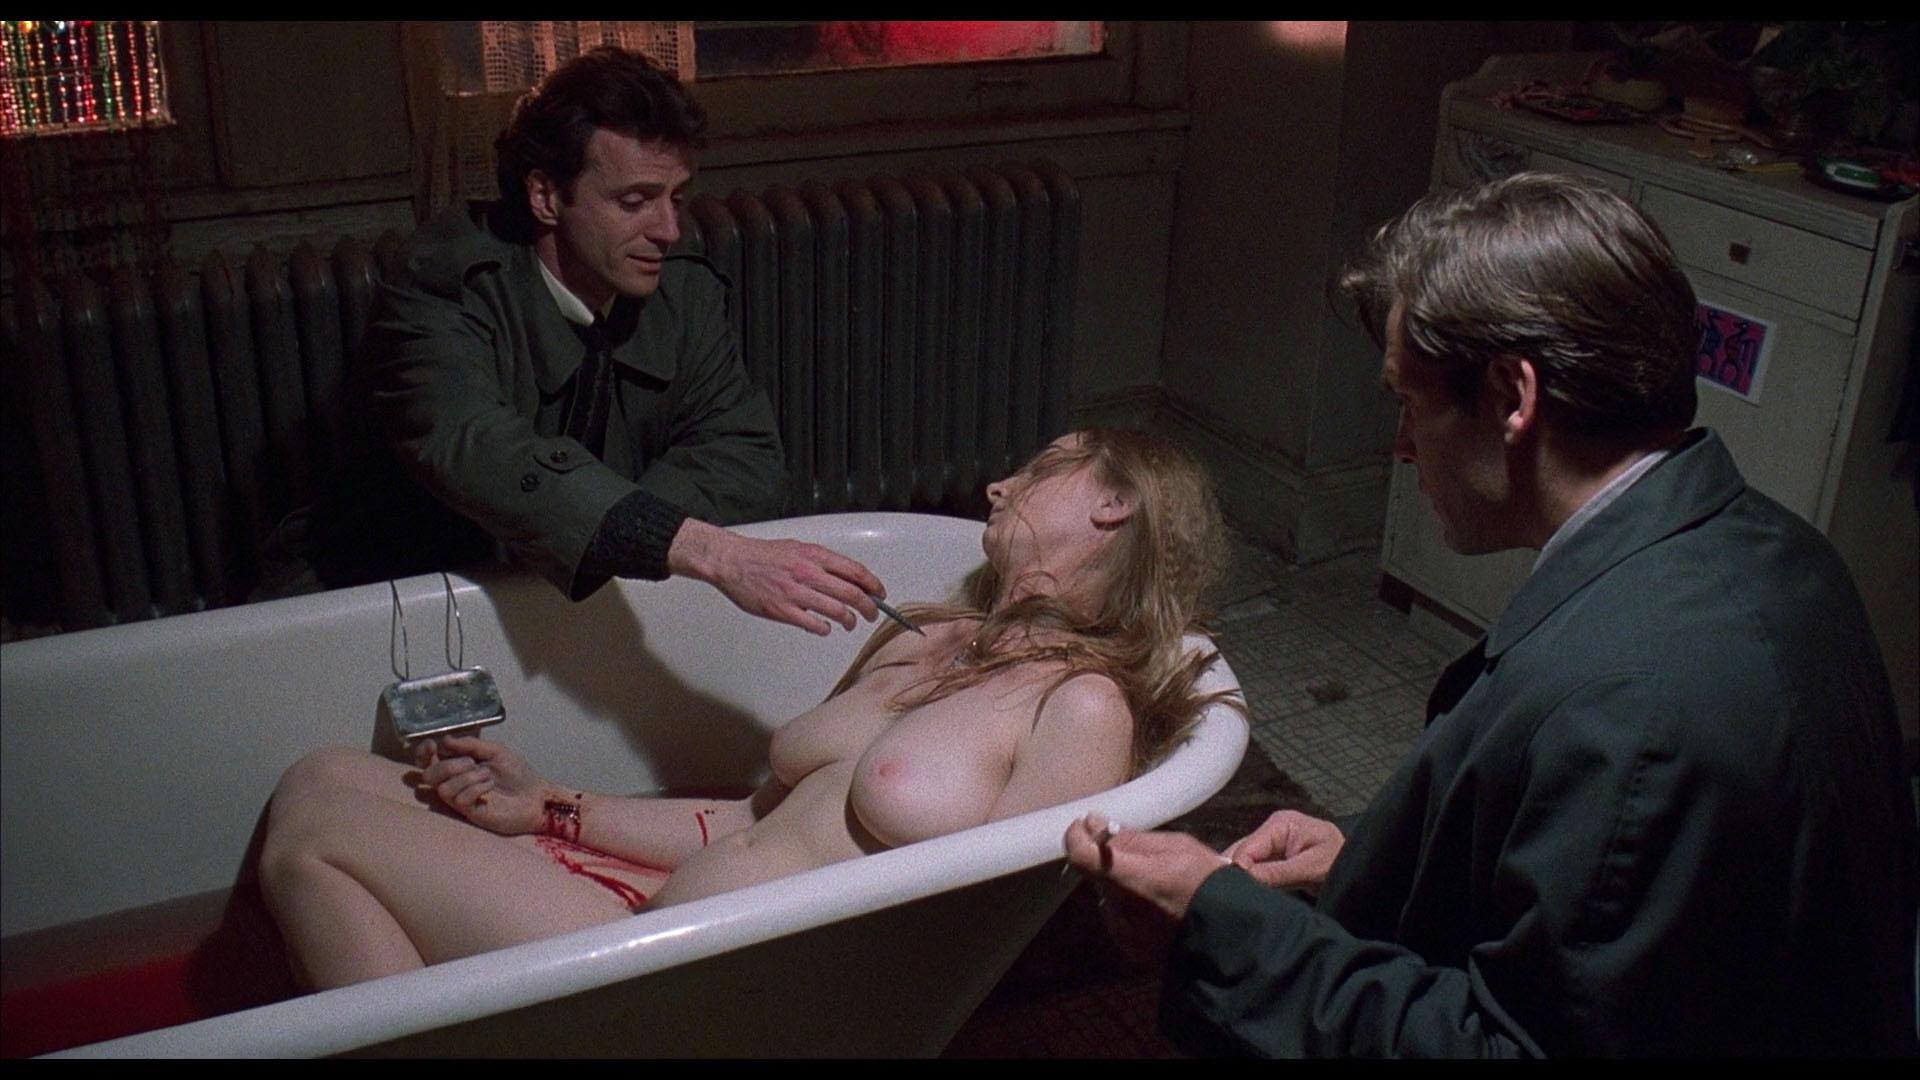 Joy E. Gregory nude - Blink (1993)